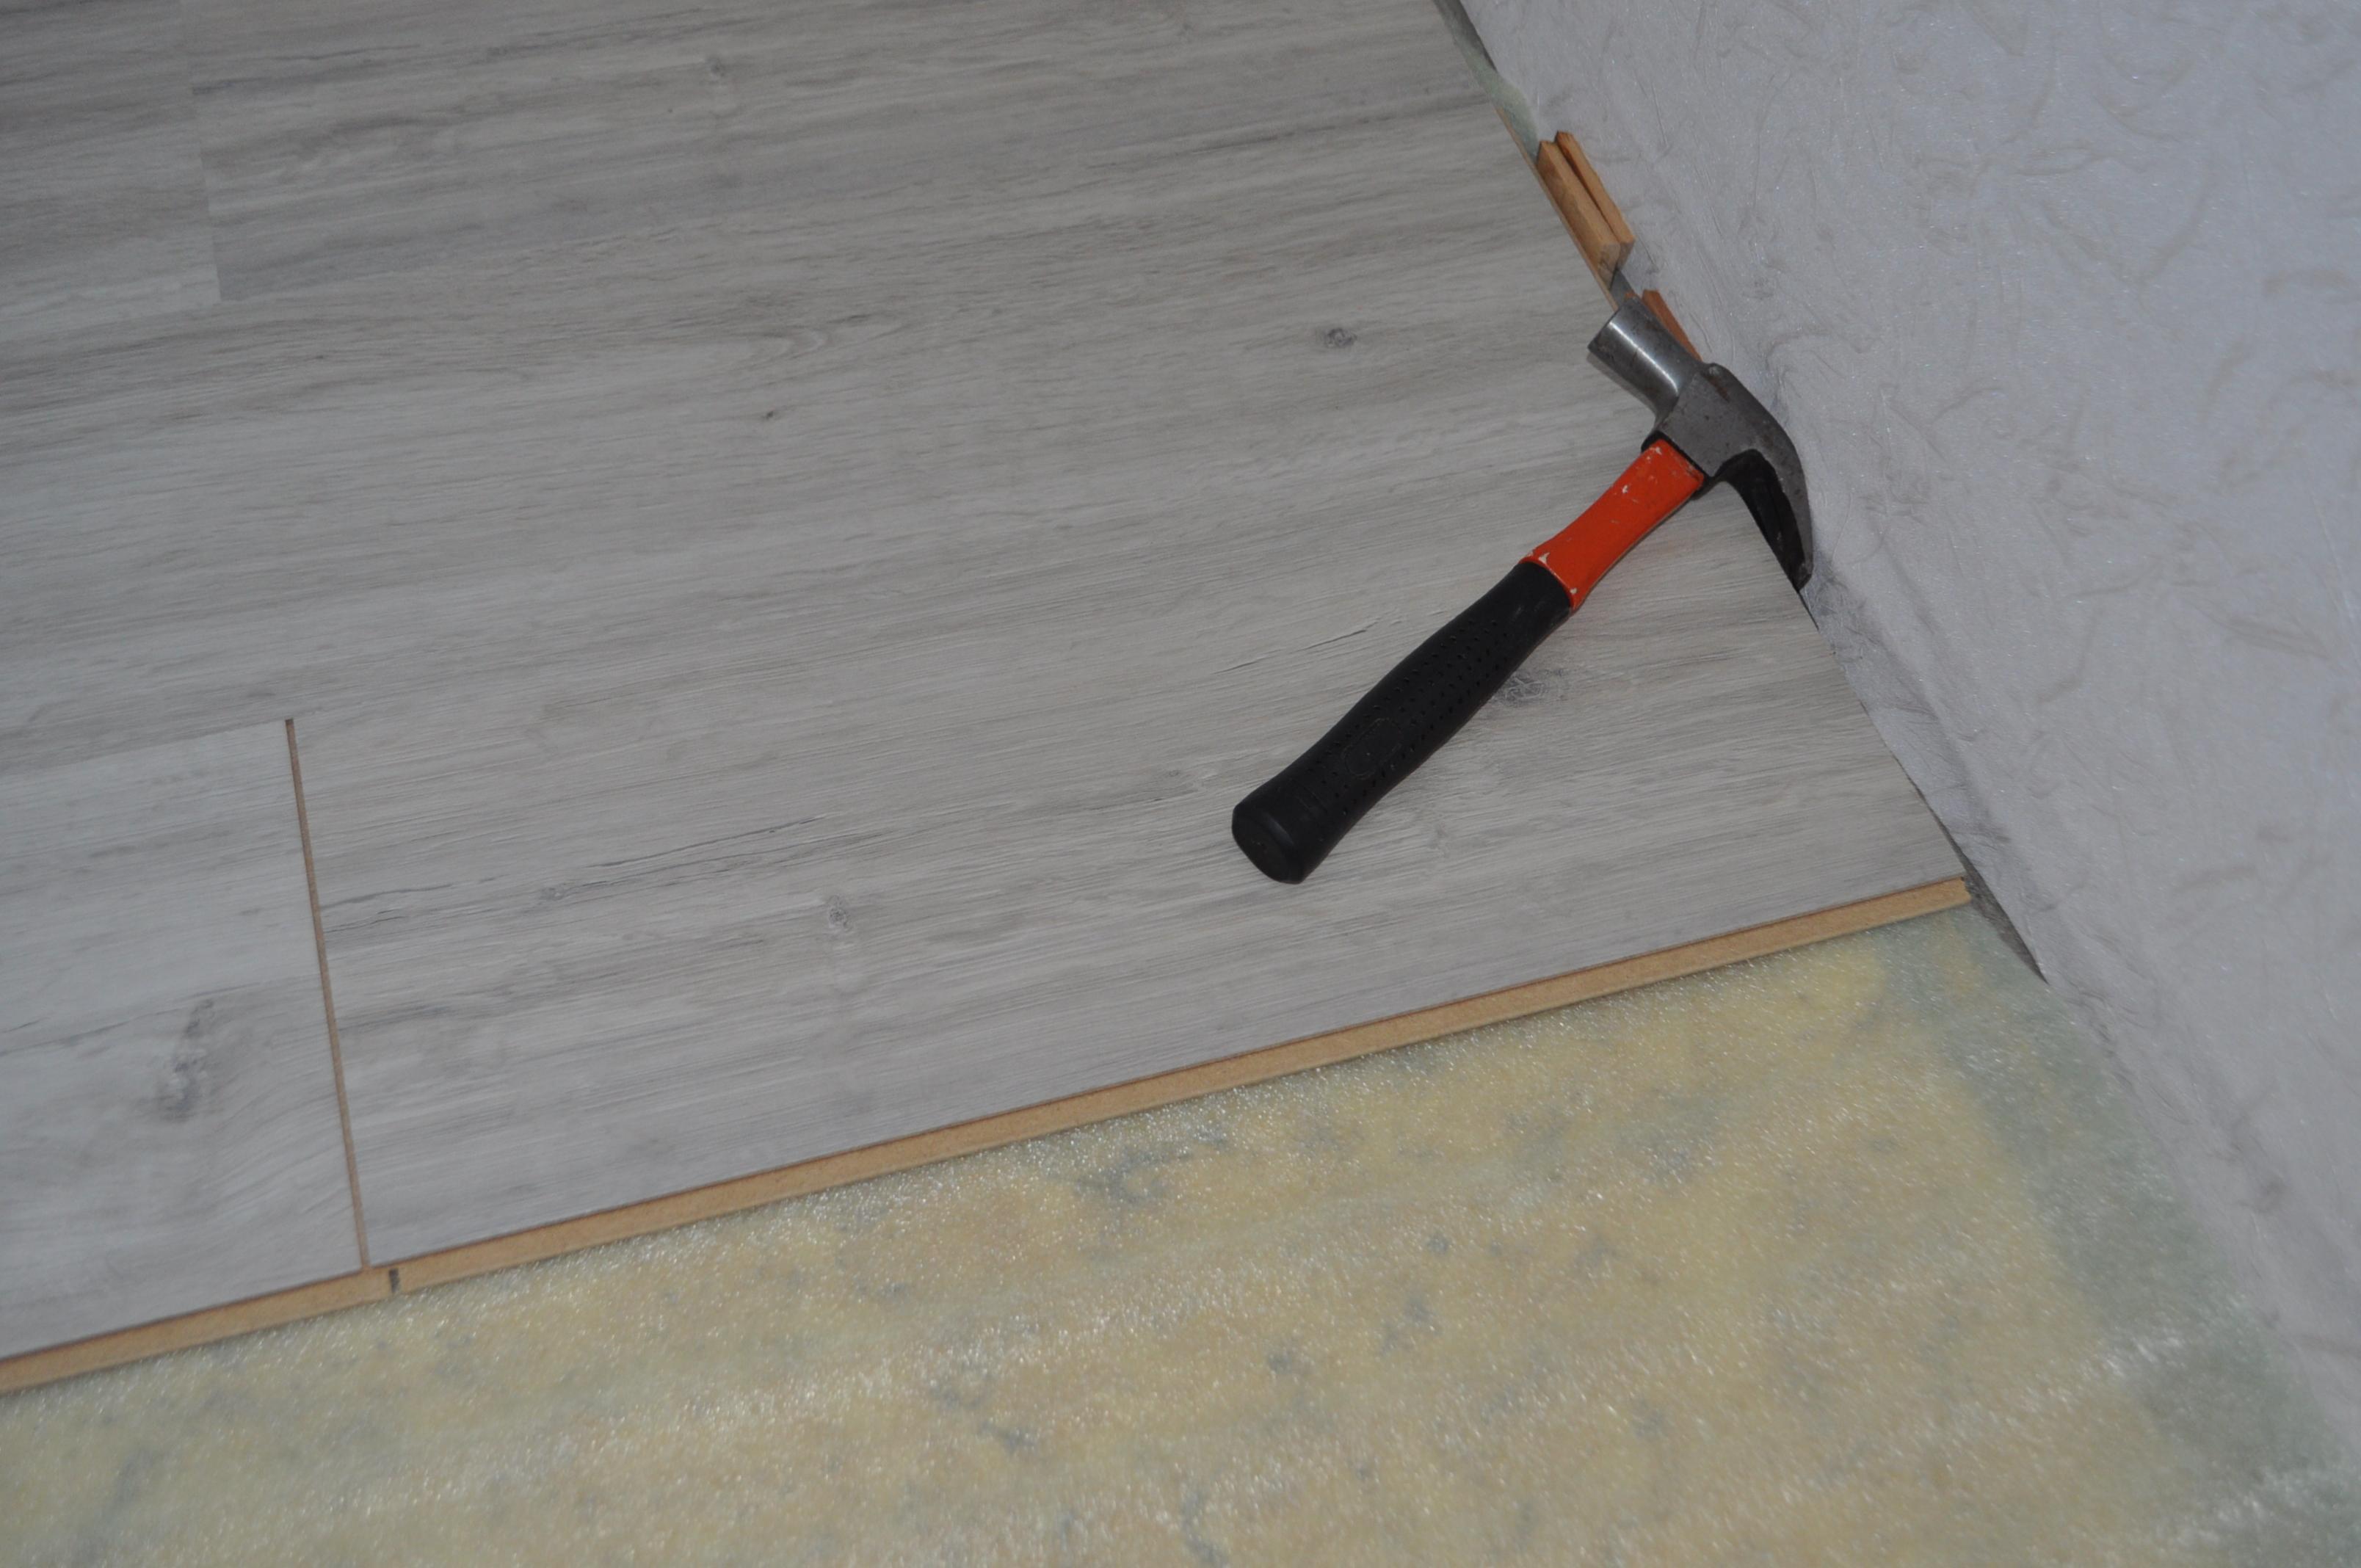 Укладка линолеума на линолеум (26 фото): можно ли стелить новое изделие на старое покрытие и в каких случаях нельзя